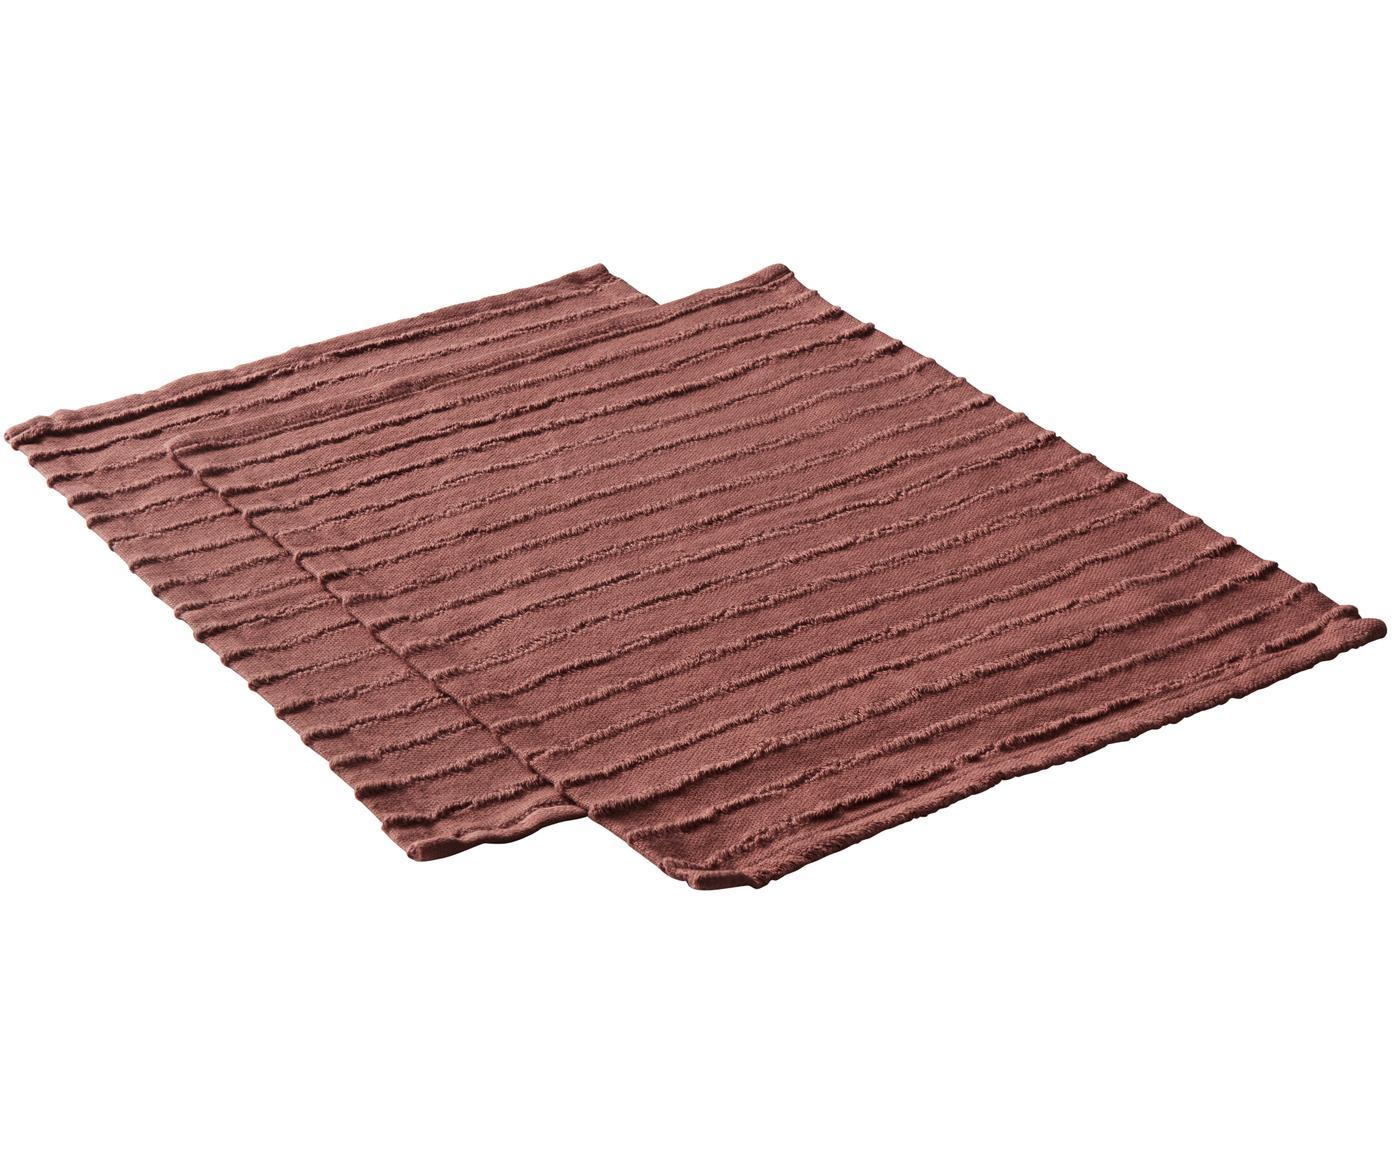 Tischsets Loveli, 2 Stück, Baumwolle, Terrakottarot, 35 x 45 cm